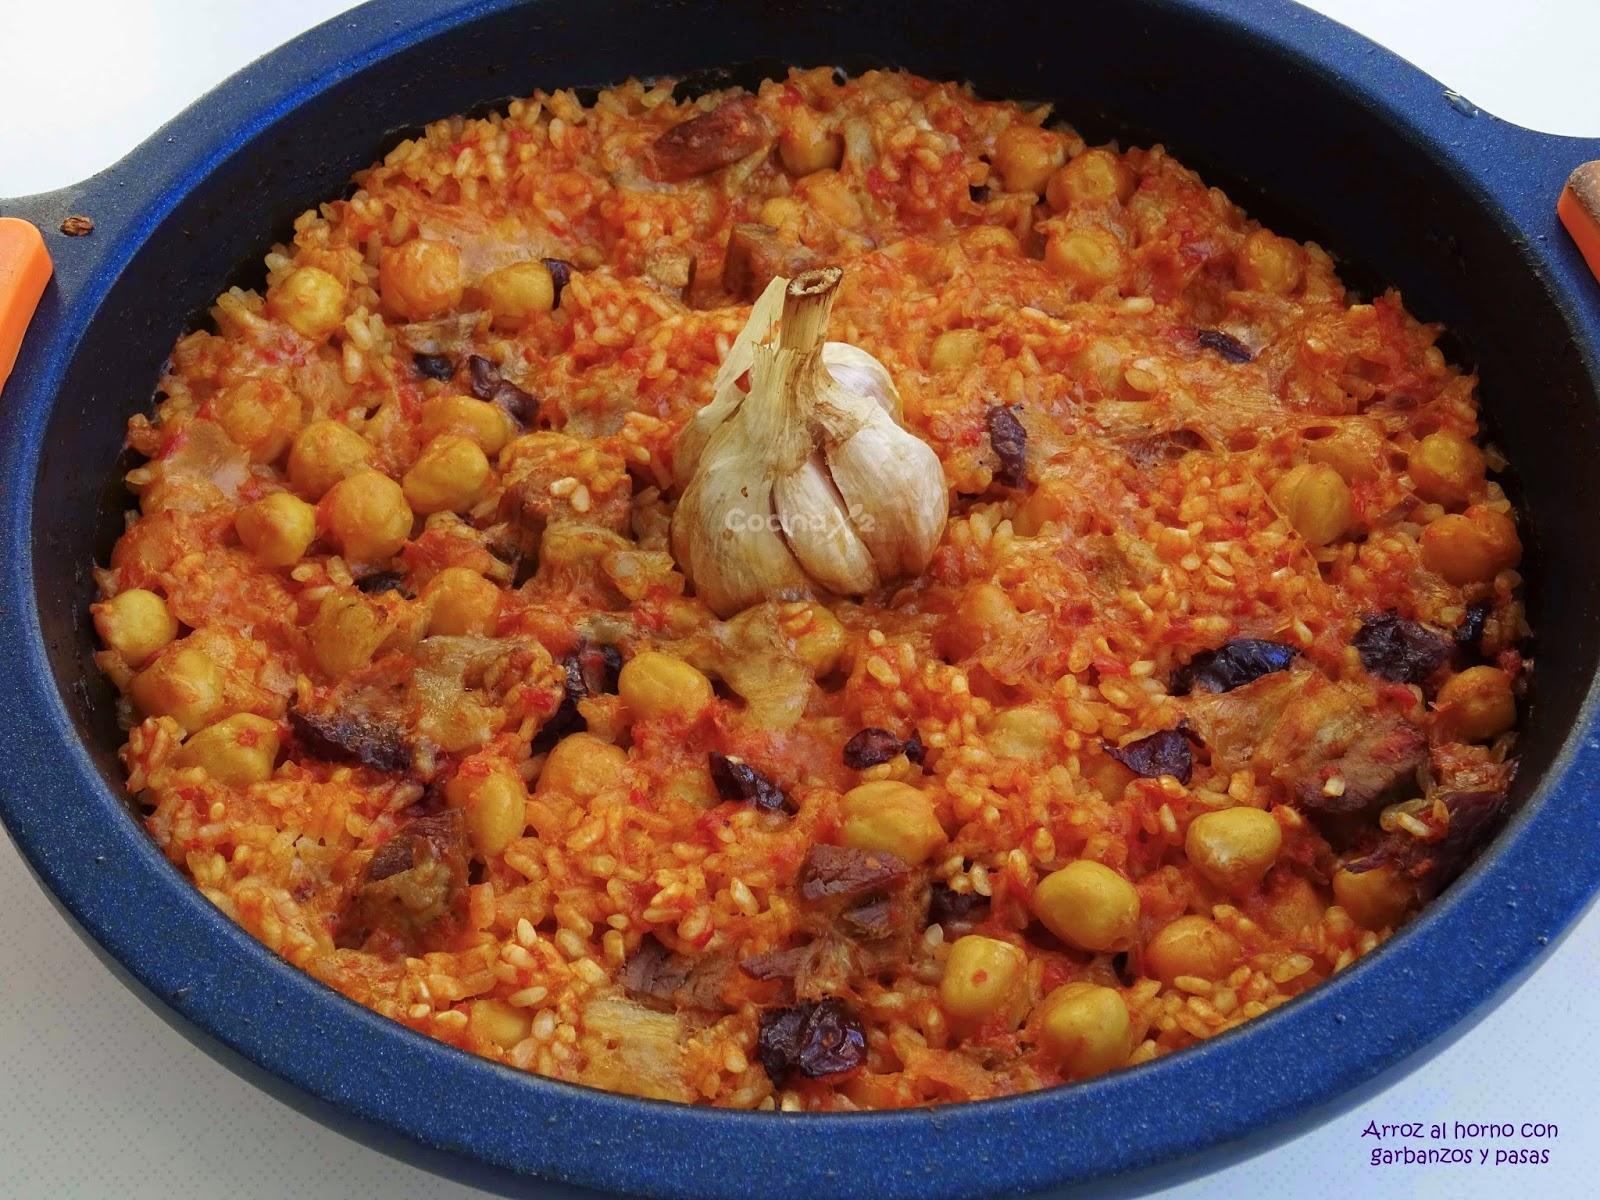 Cocinax2 las recetas de laurita arroz al horno con for Cocinar 2 tazas de arroz